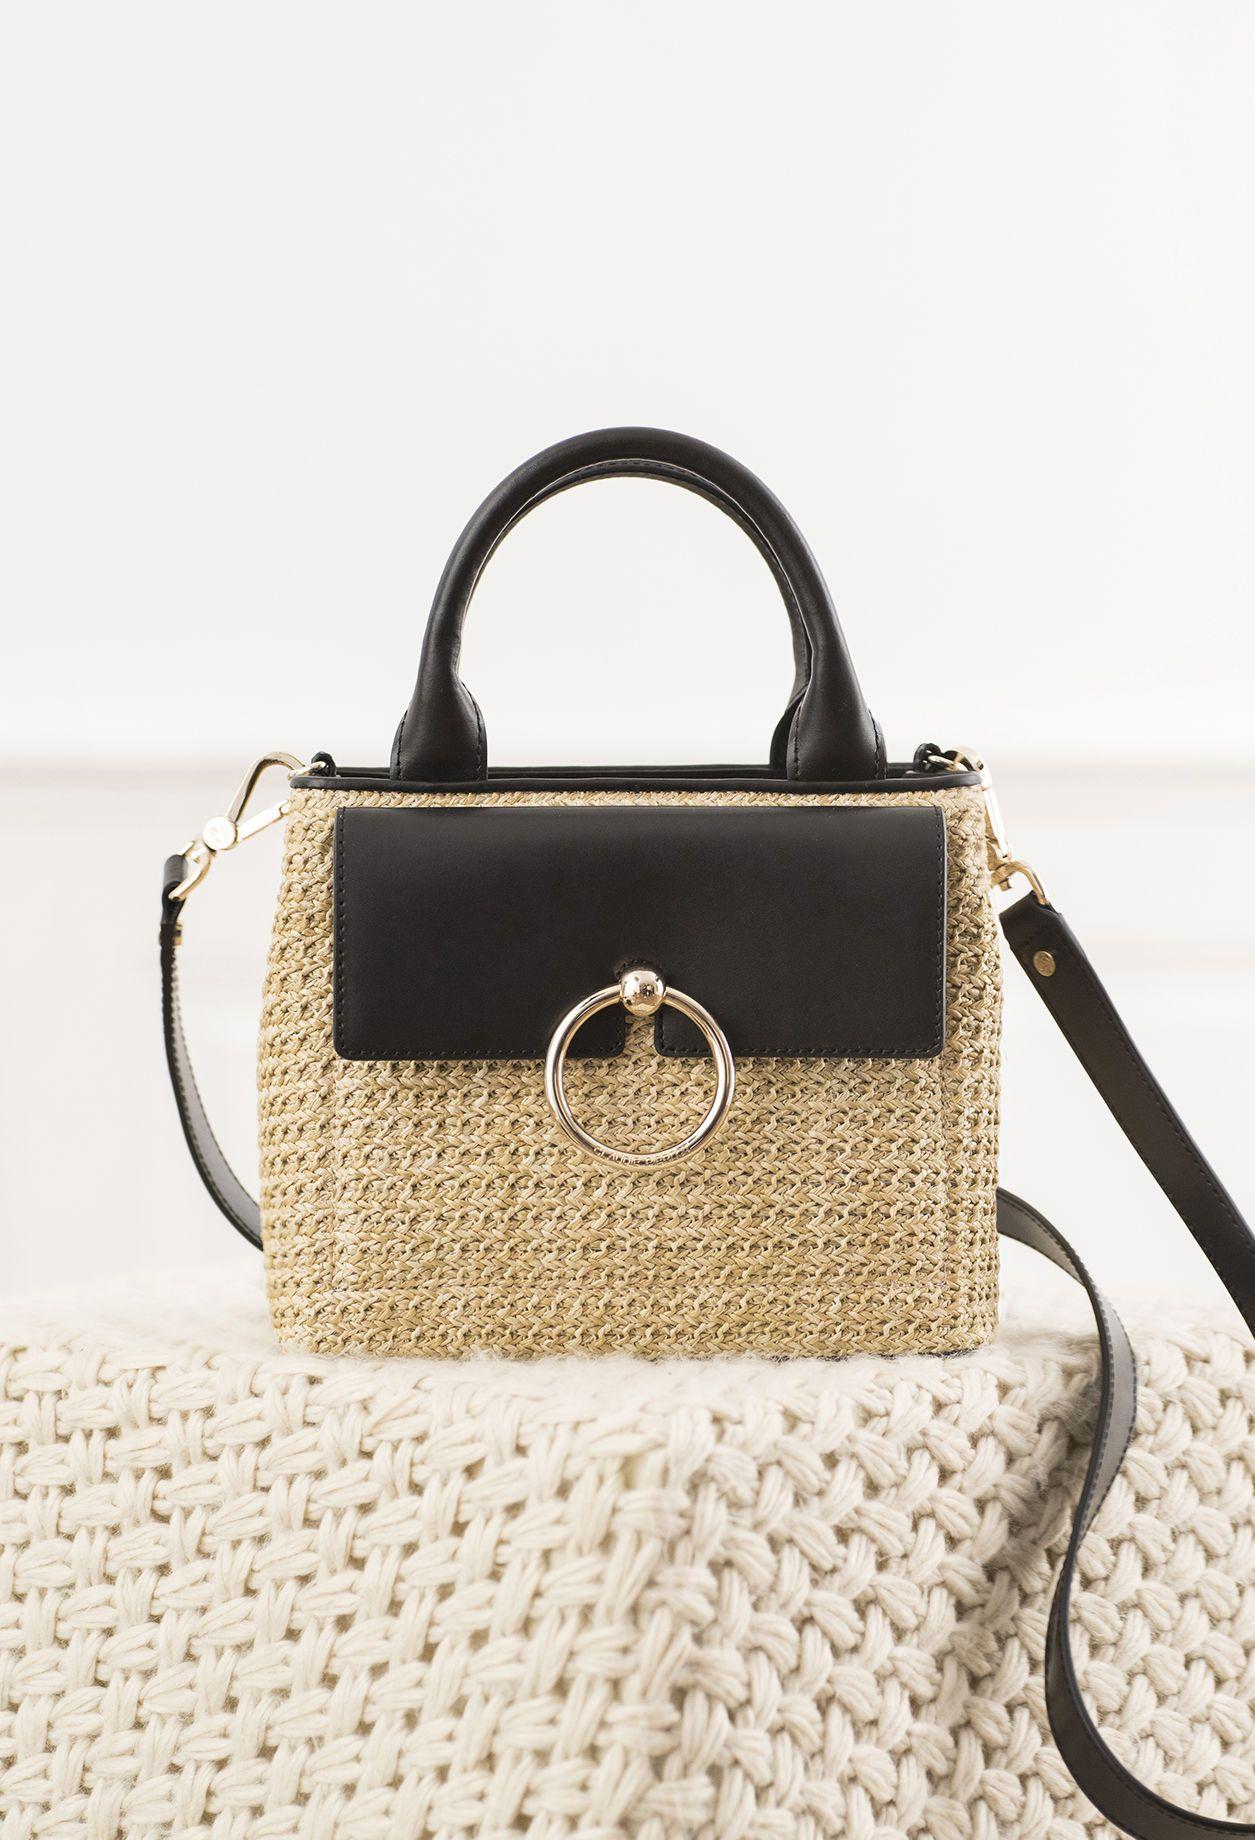 647b2fff1b ANOUCK SMALL TRESSE - Accessoires - Claudie Pierlot | Fashion | Sac ...